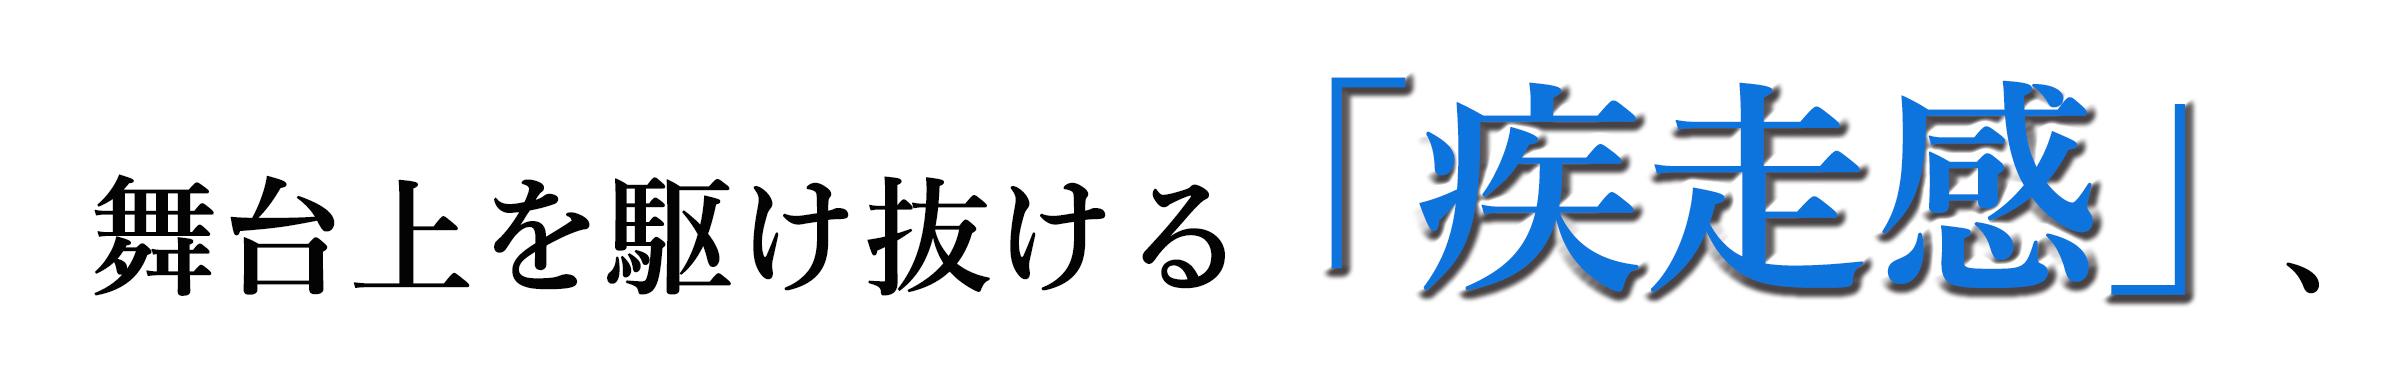 http://www.suncityhall.jp/TAO%E2%91%A2.jpg